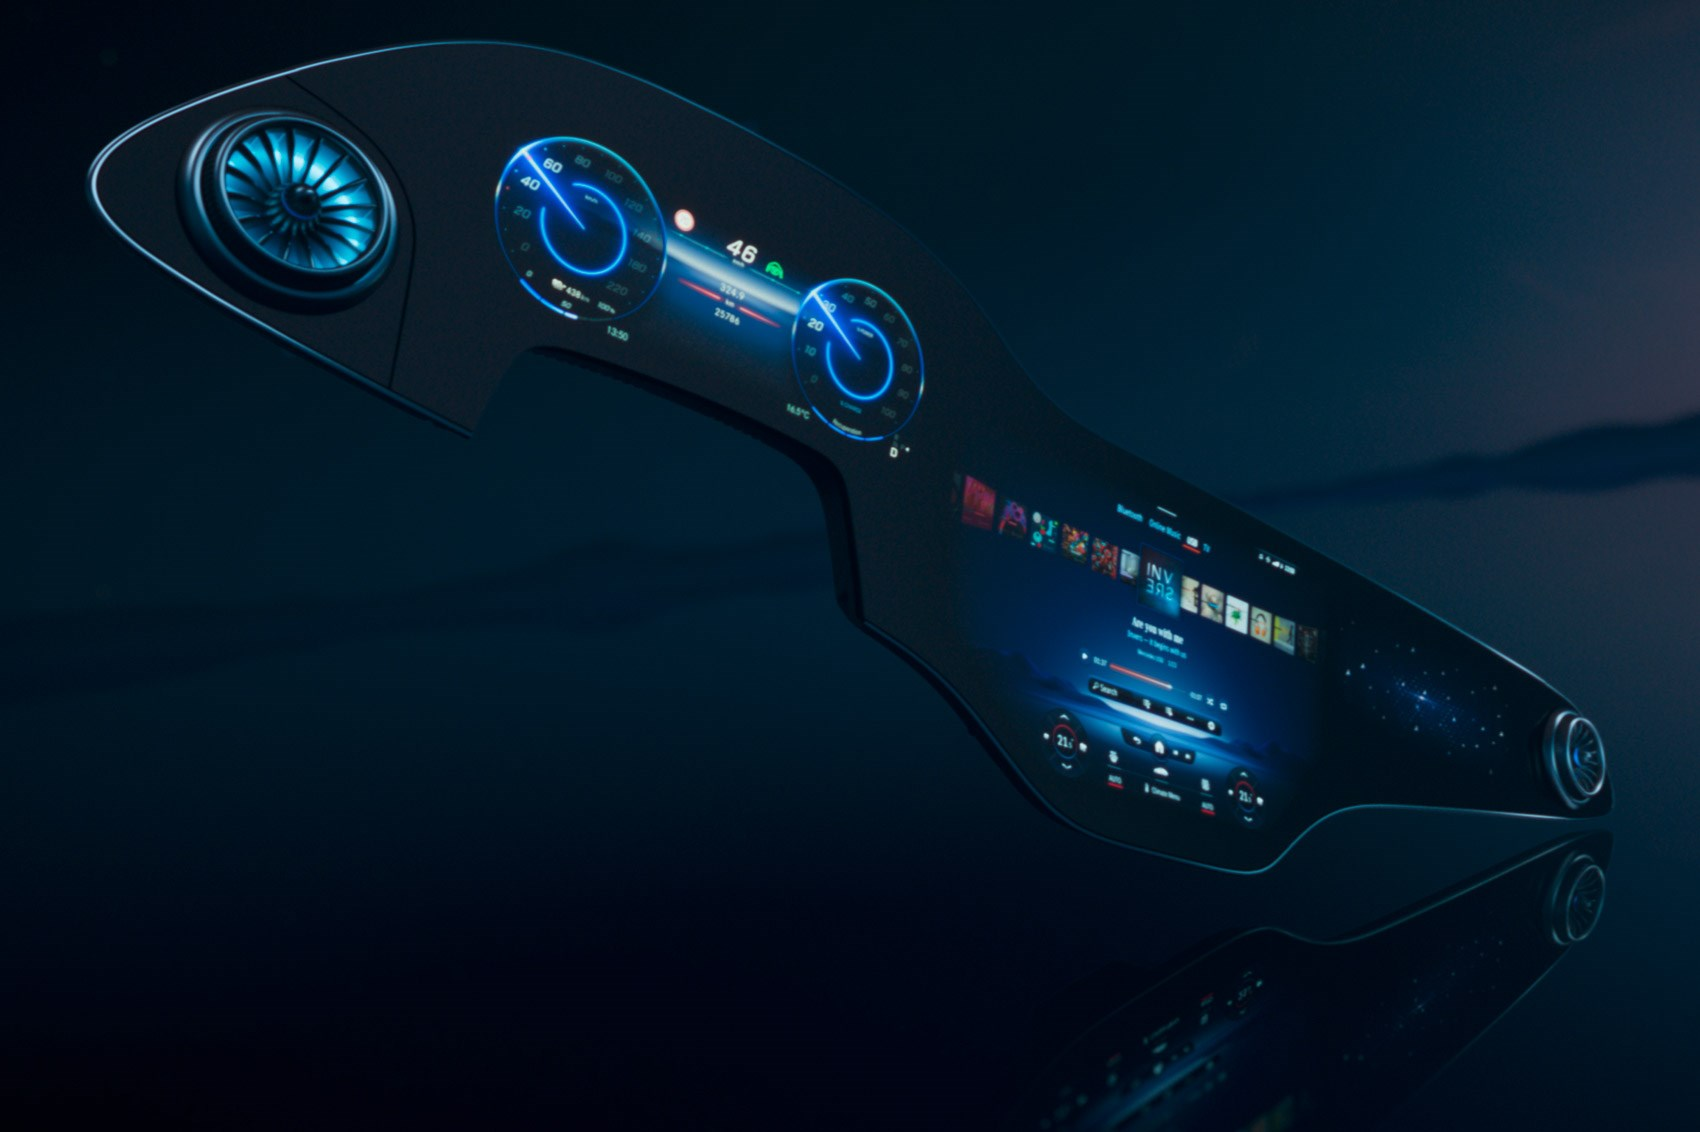 Mercedes-Benz EQS: Next-gen MBUX Hyperscreen infotainment revealed